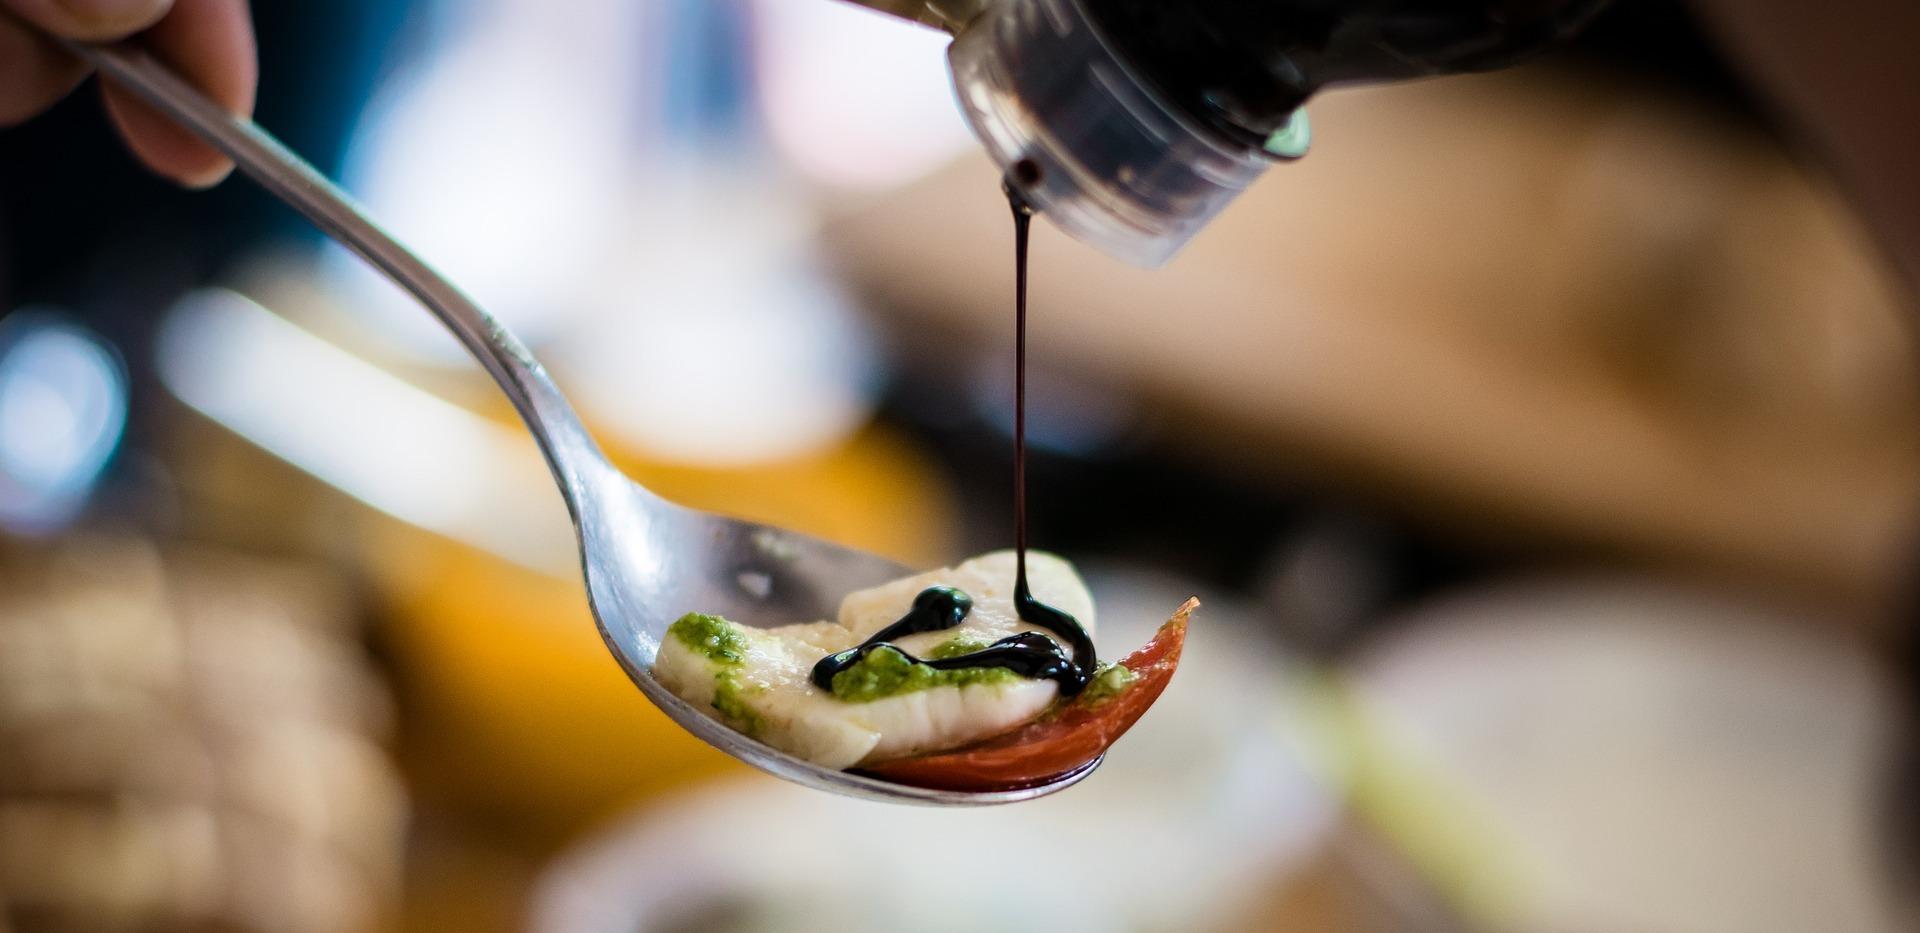 aceto balsamico di modena IGP in cucina